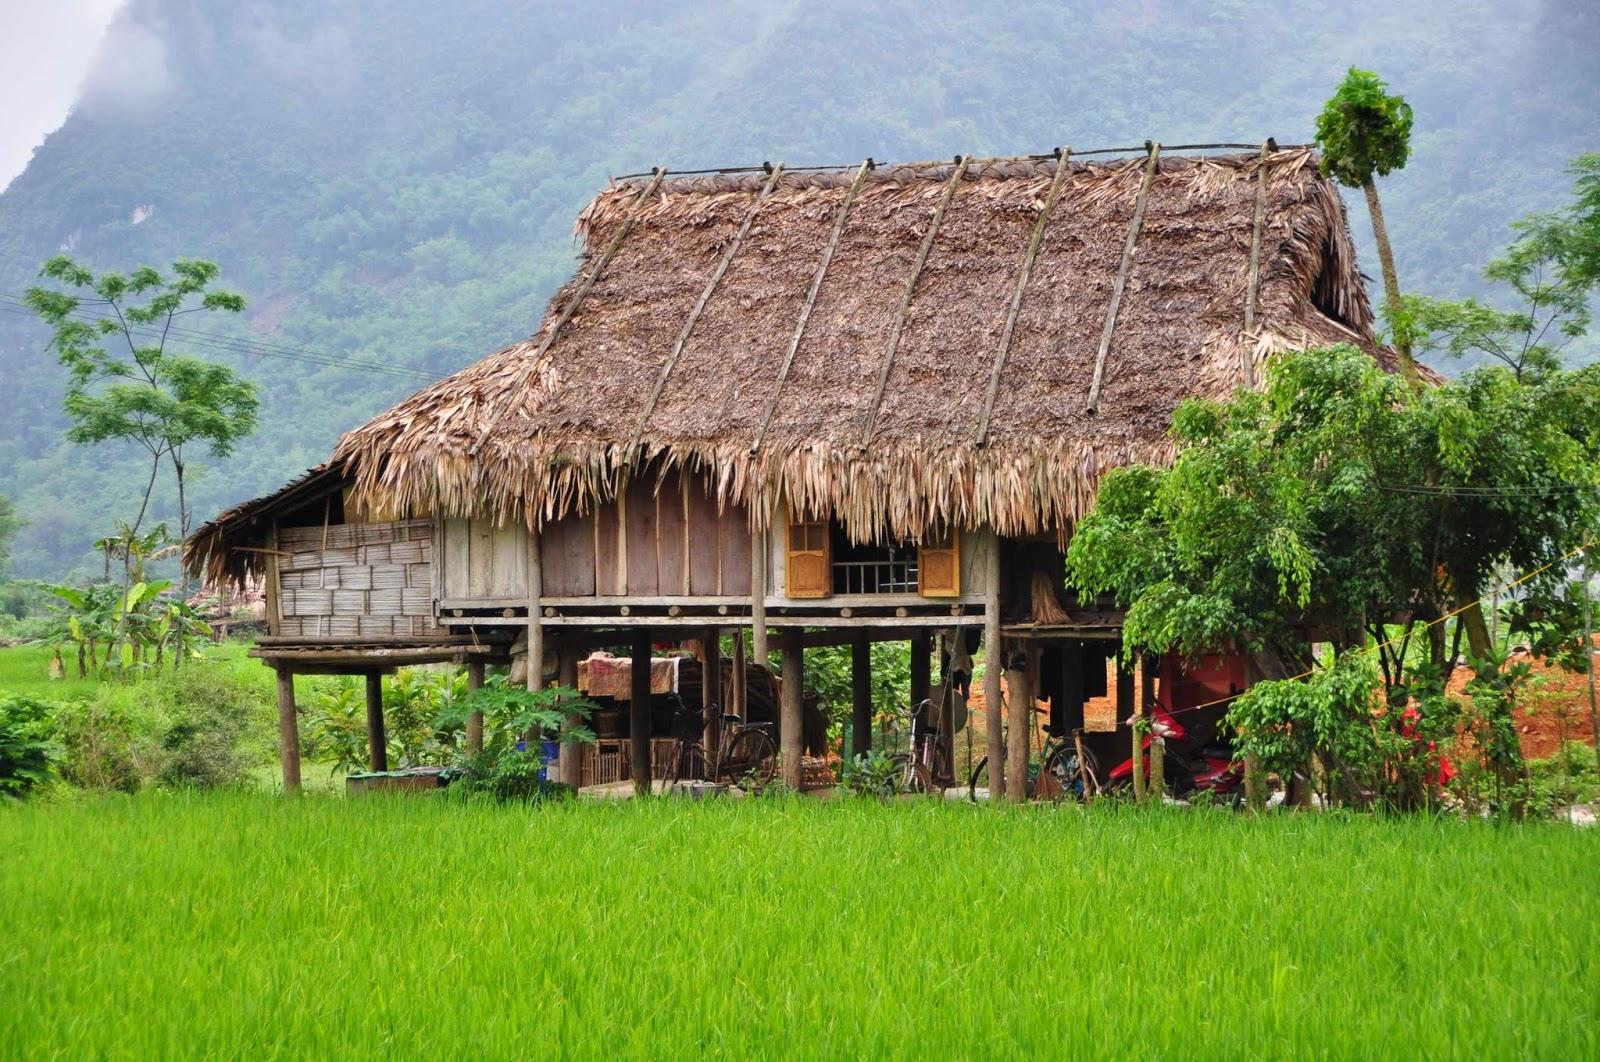 Cambodge laos vietnam ouest am ricain 9 mois en 2014 for Maison traditionnelle laos